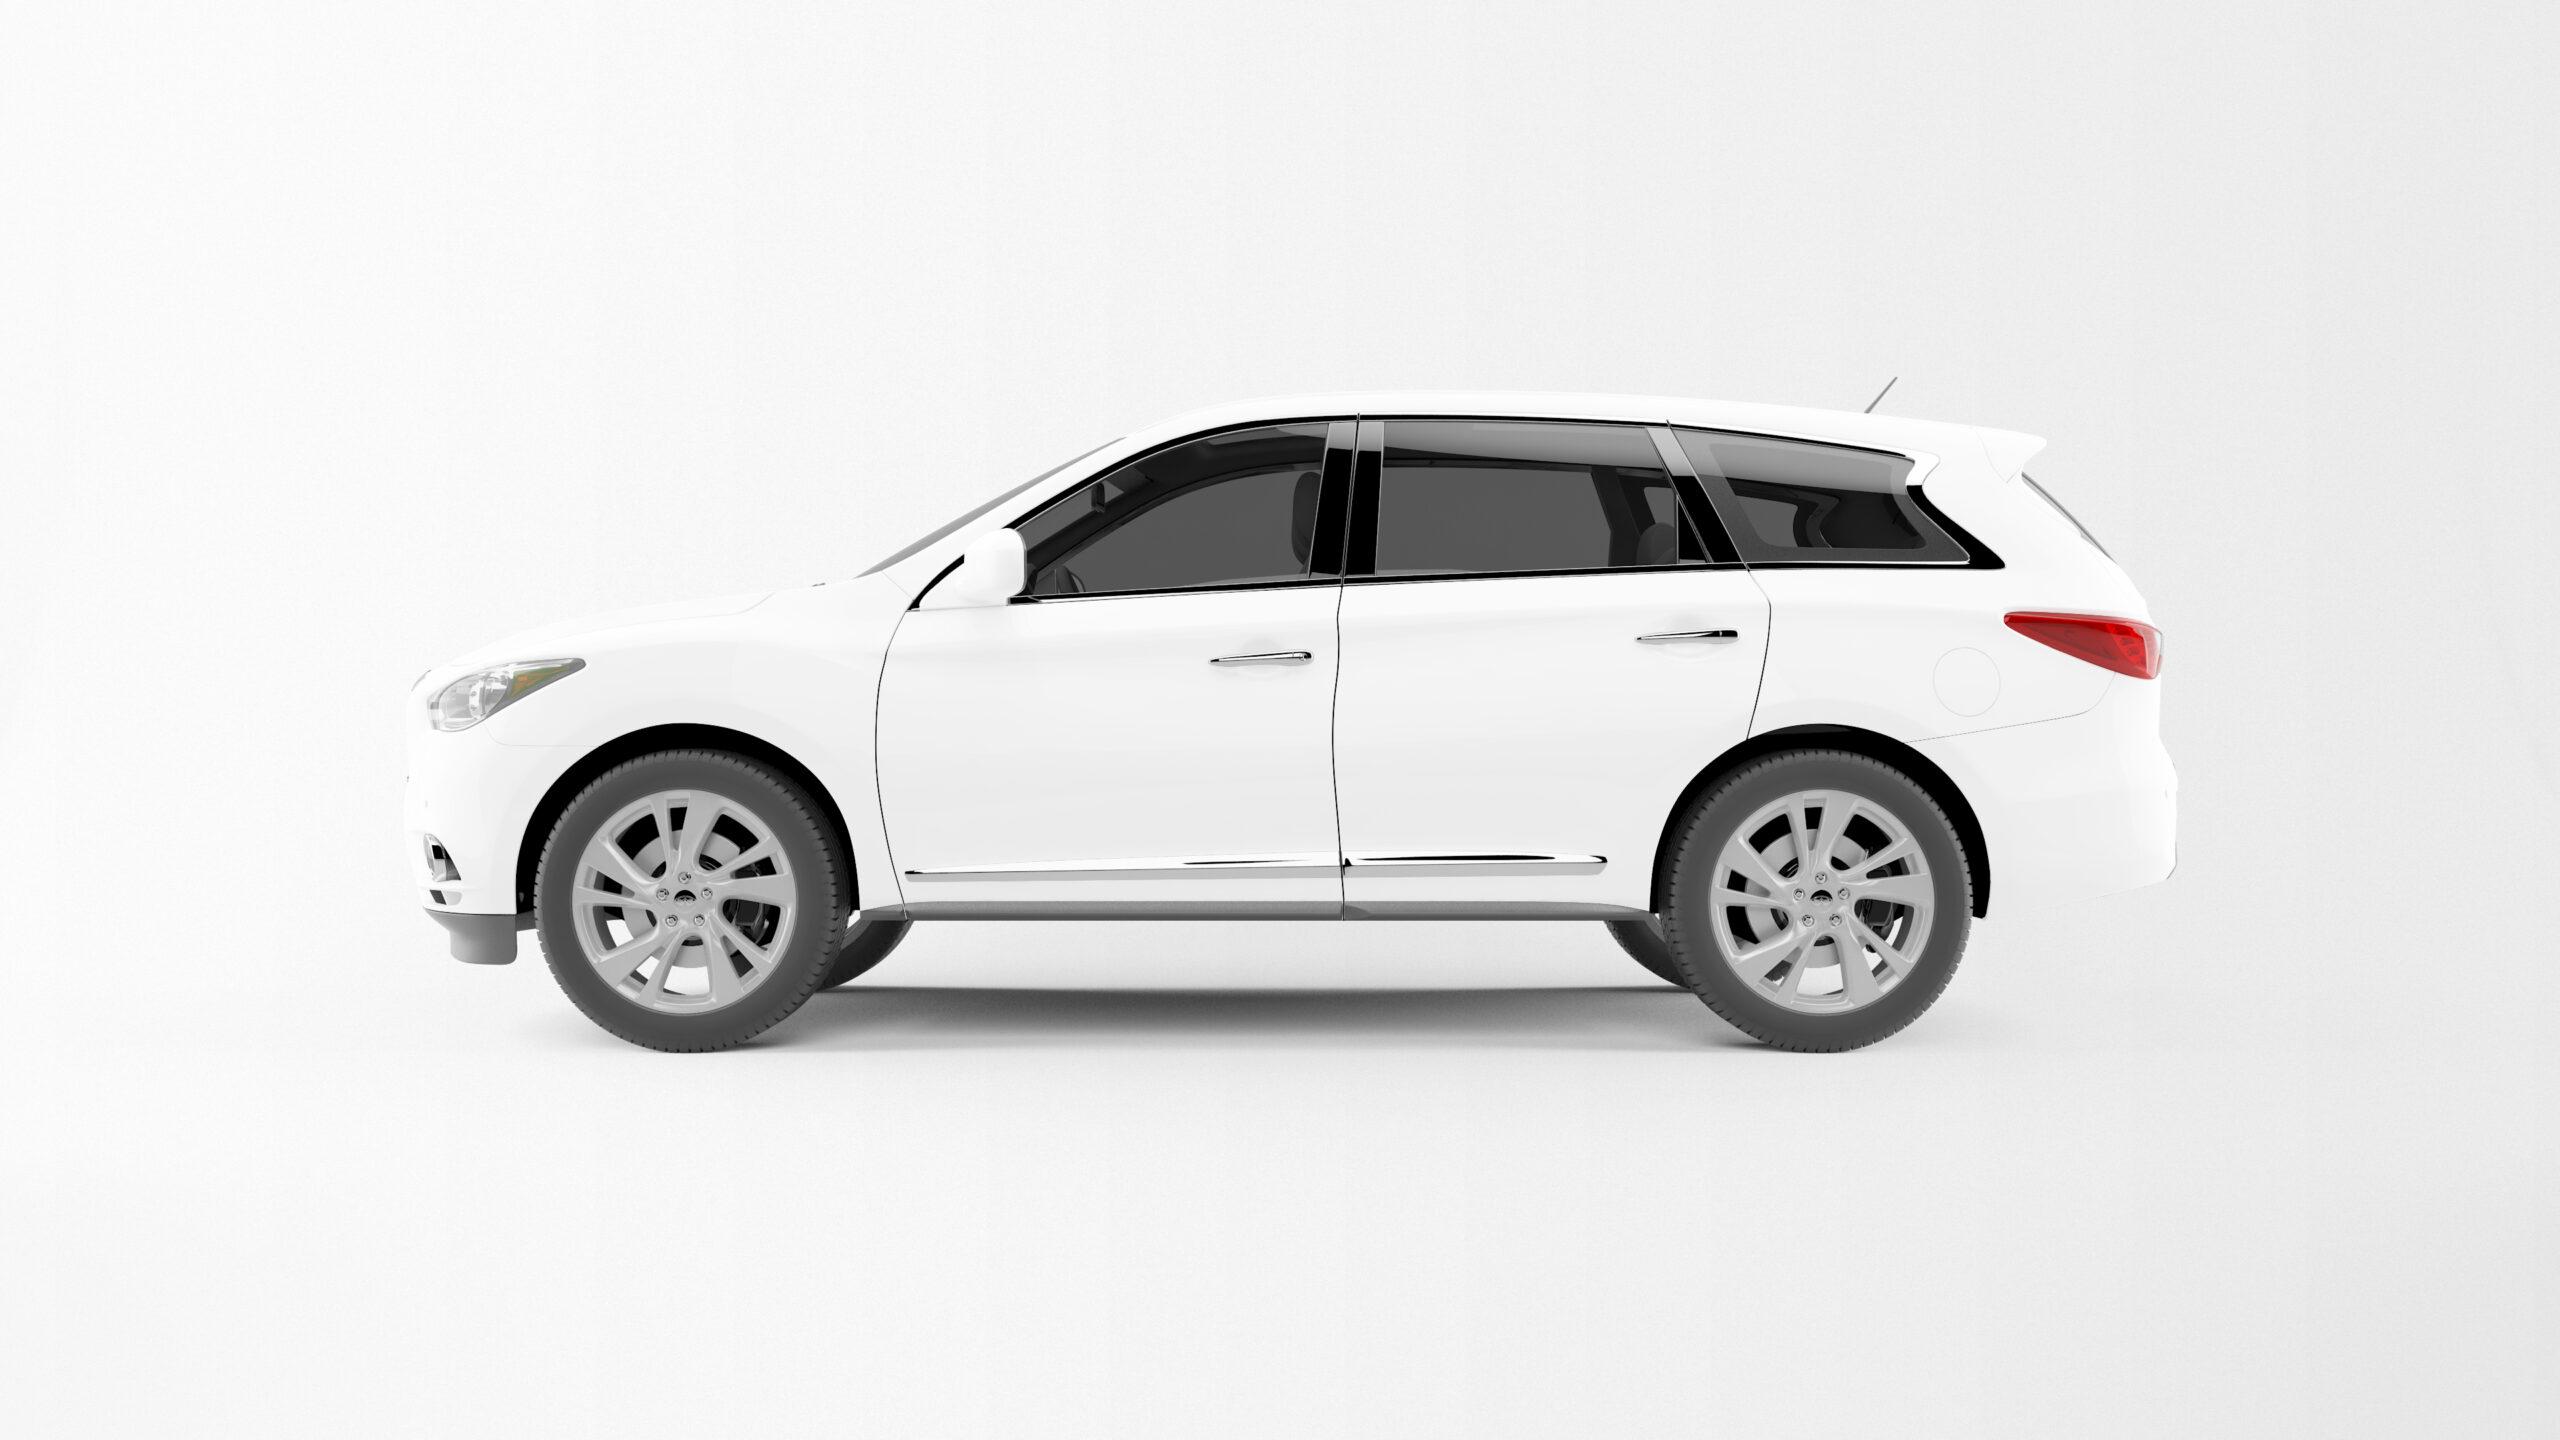 Сплата транспортного податку за переданим юрособою у фінлізинг легковим авто